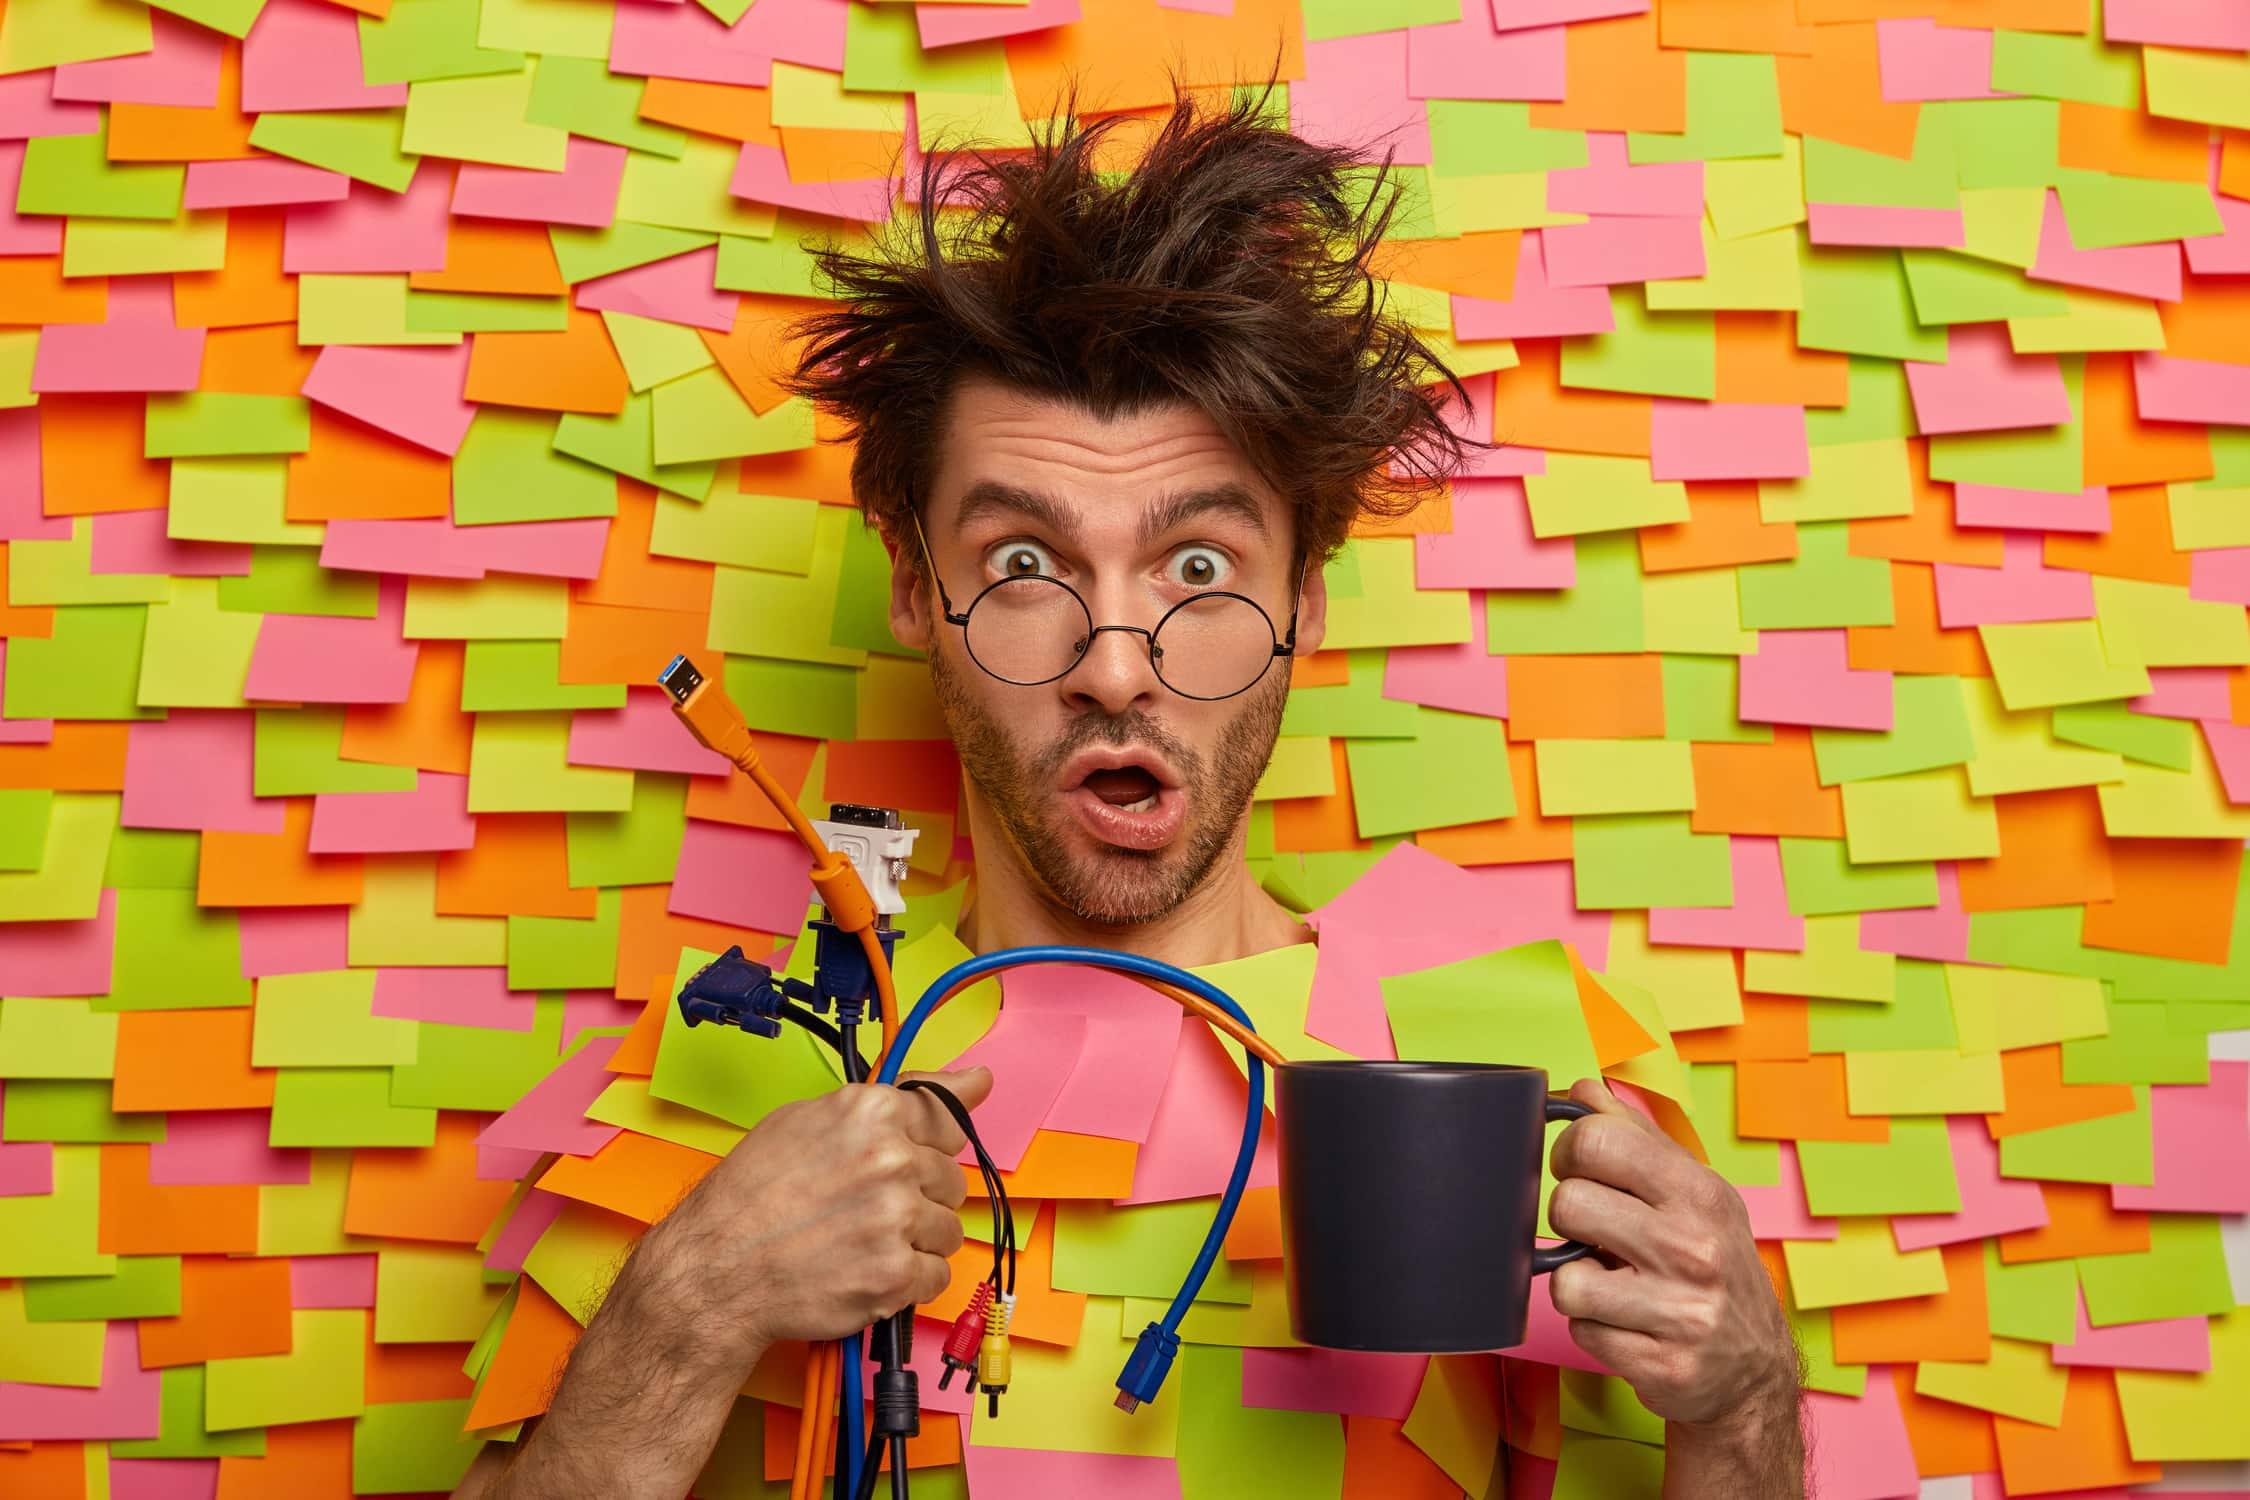 Mann ist schockiert, wenn er an Lehre zur Elektronik denkt